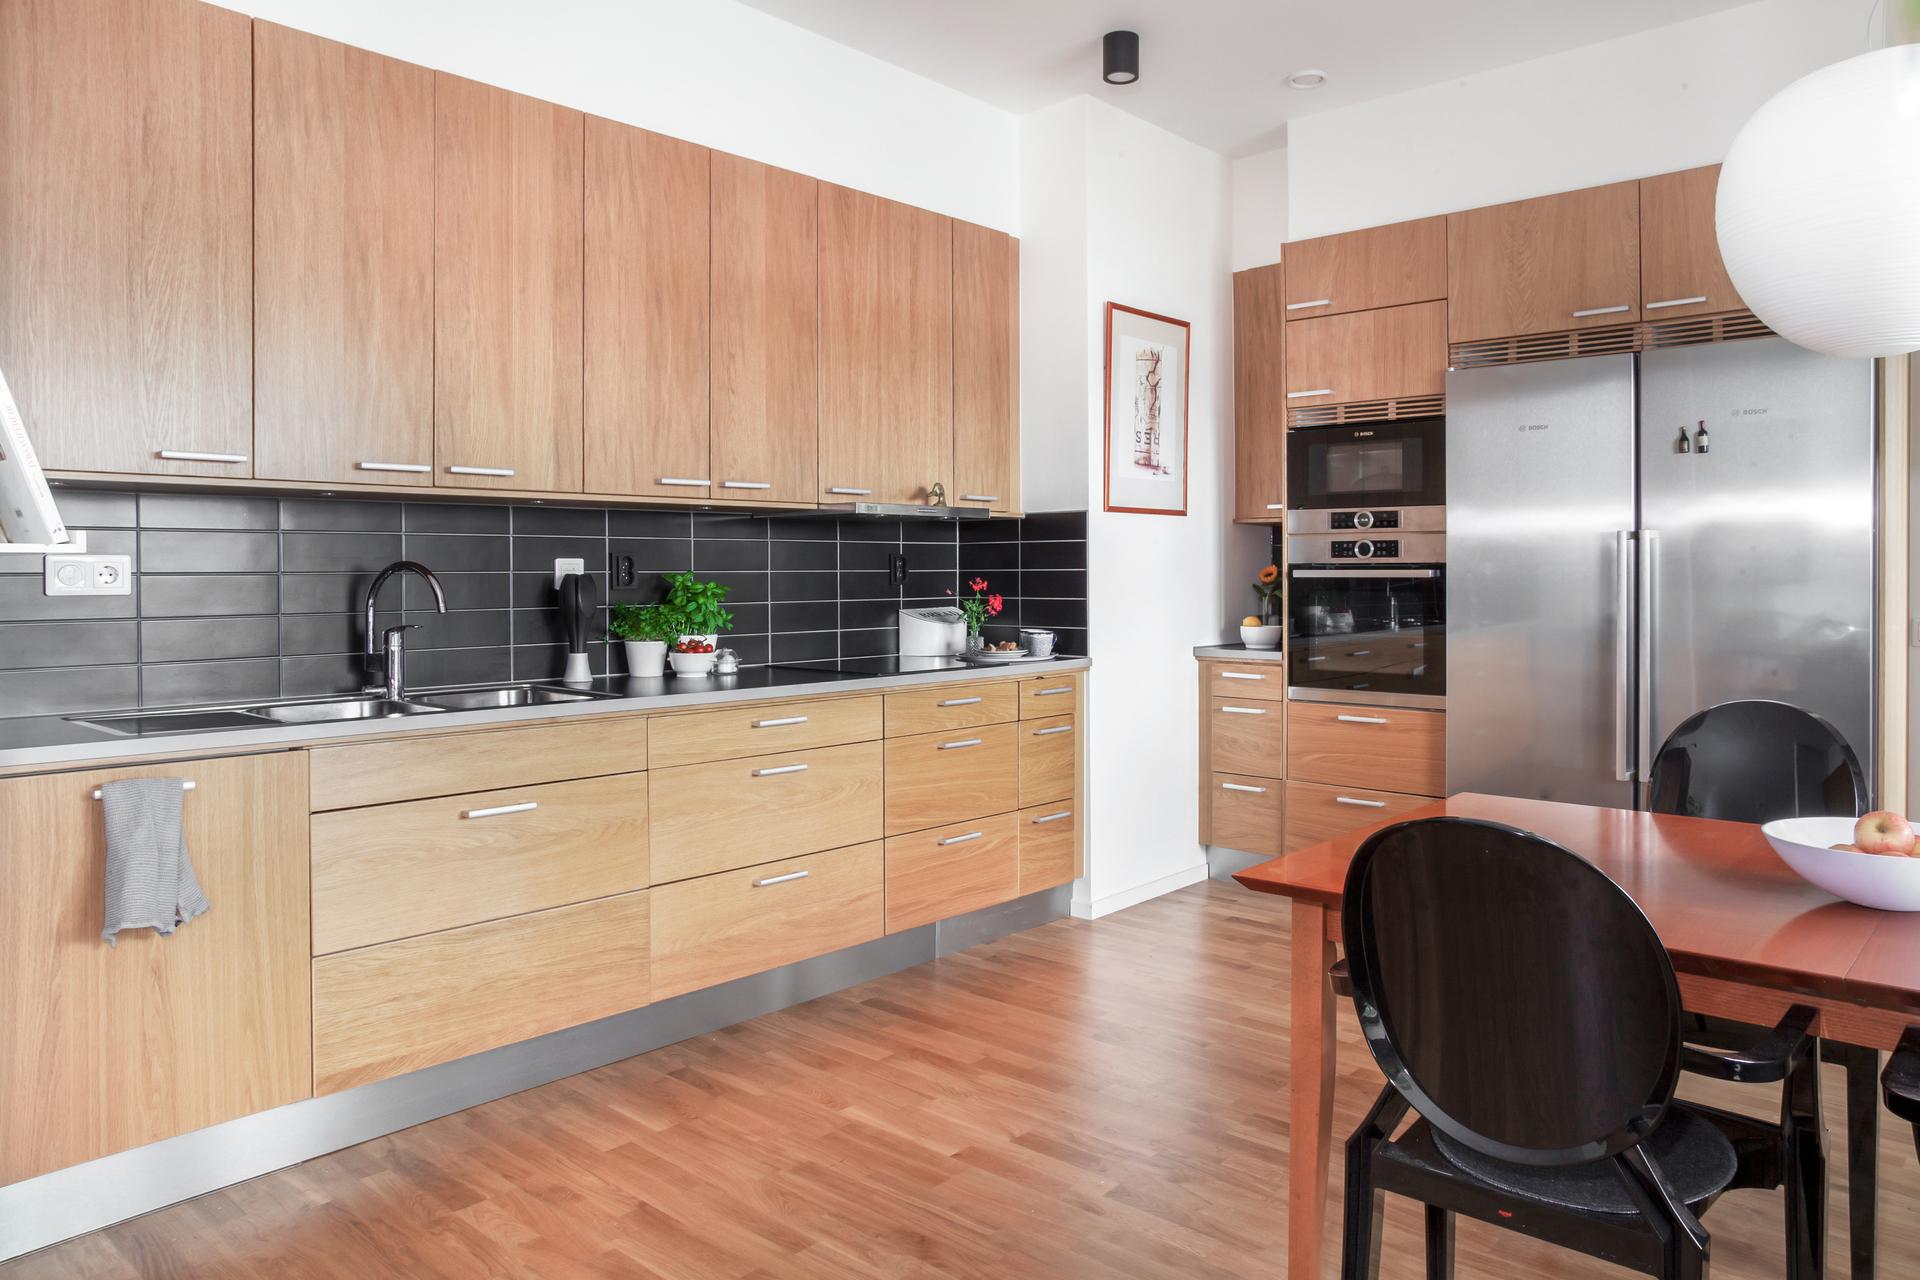 Kök med komplett köksinredning och integrerade maskiner